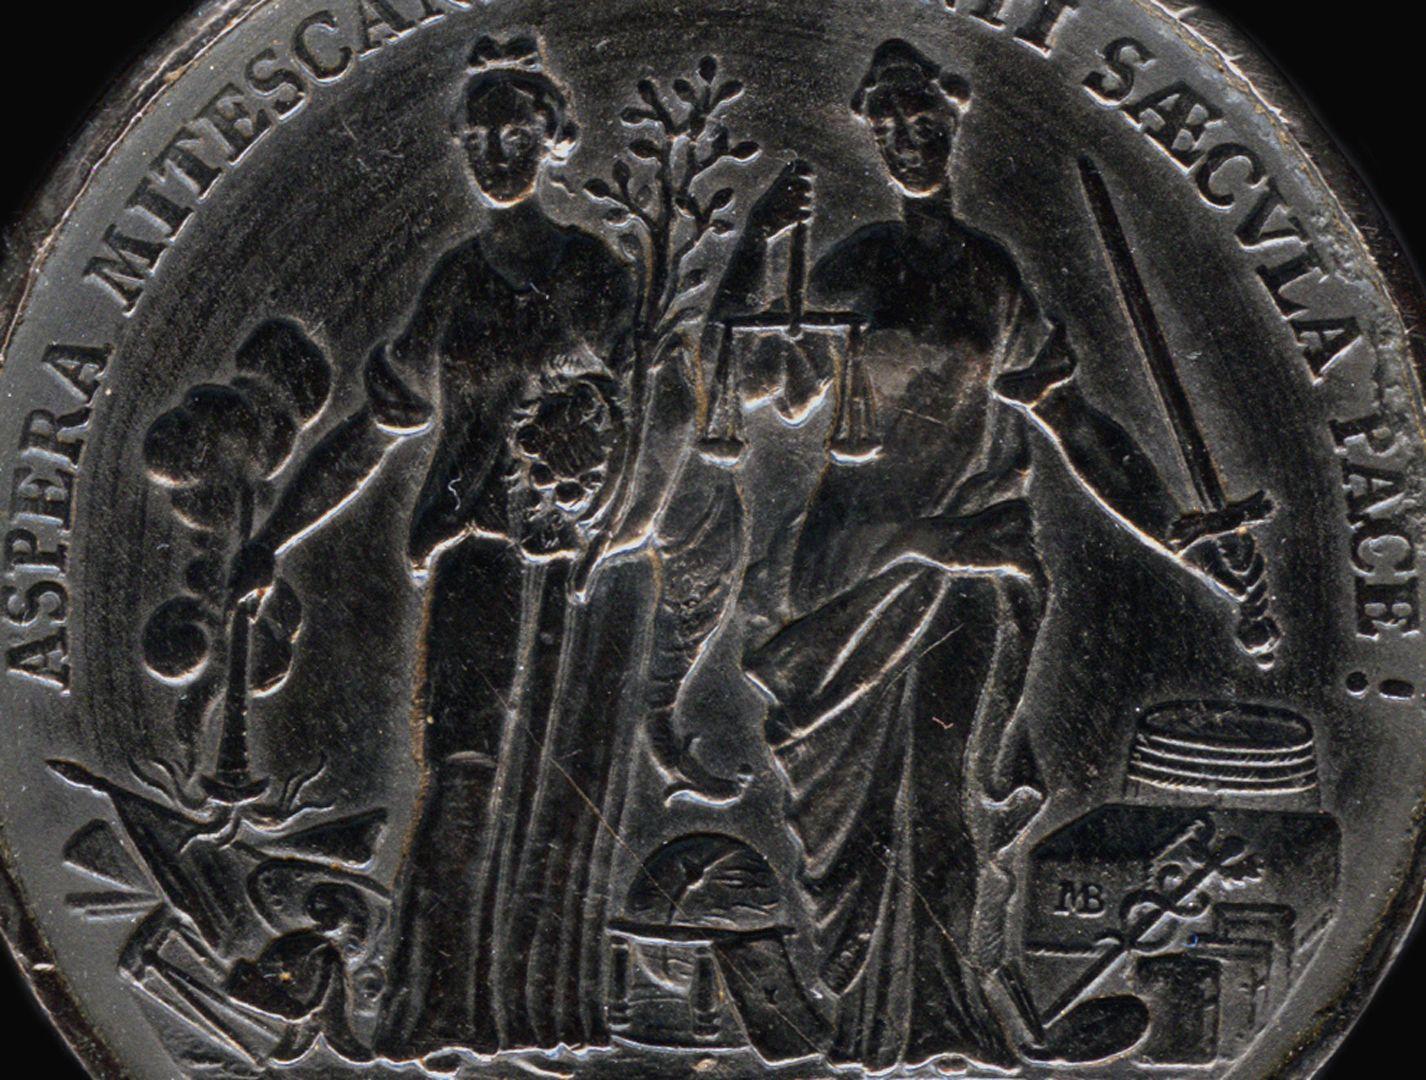 Spielstein mit Stadtansicht Nürnbergs von Osten und Friedensallegorie Spielsteinseite mit Allegorien von Pax und Justitia